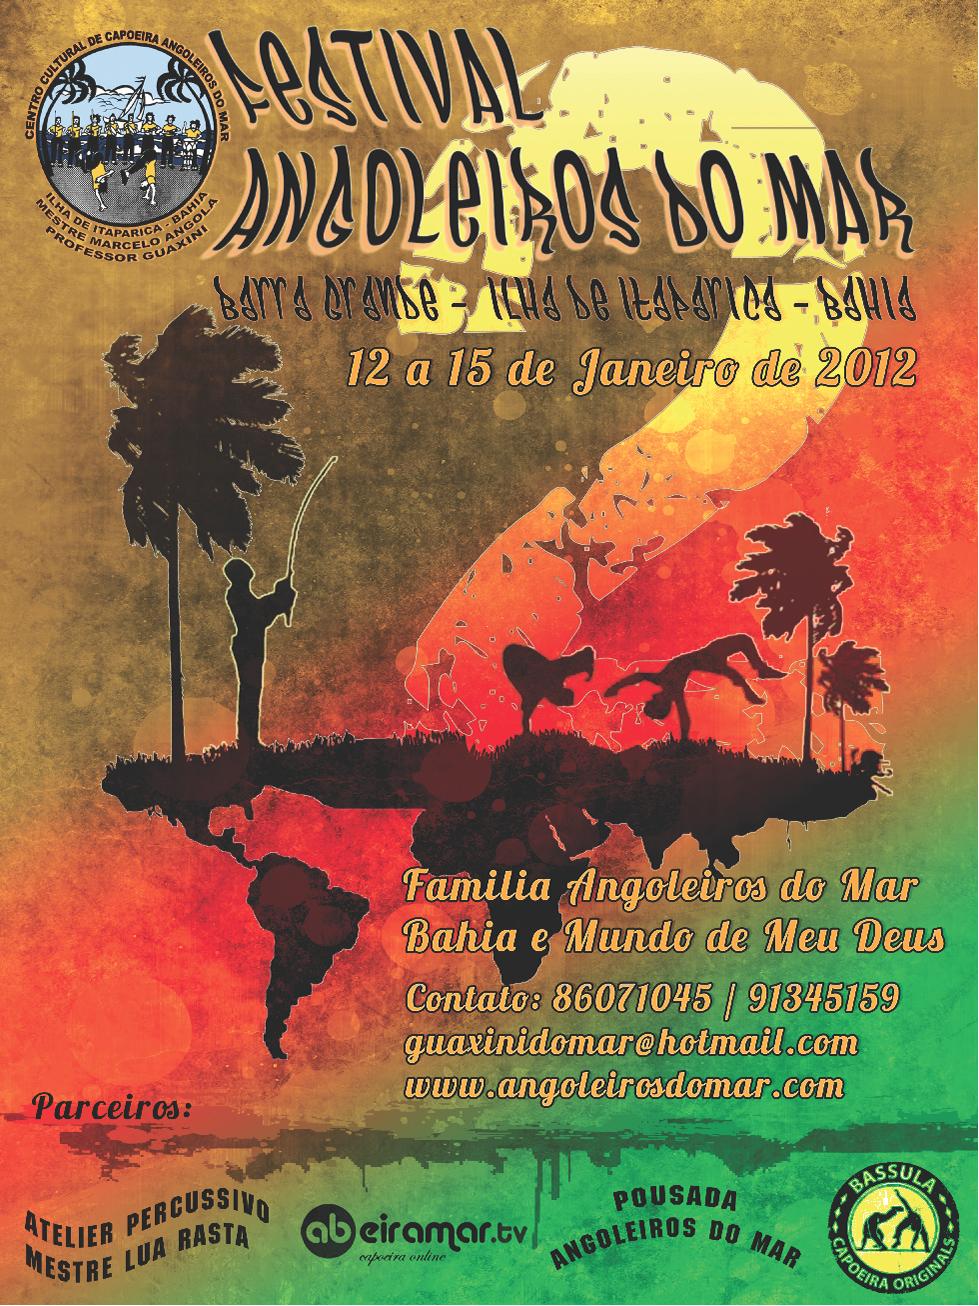 2nd Festival Angoleiros do Mar Itaparica